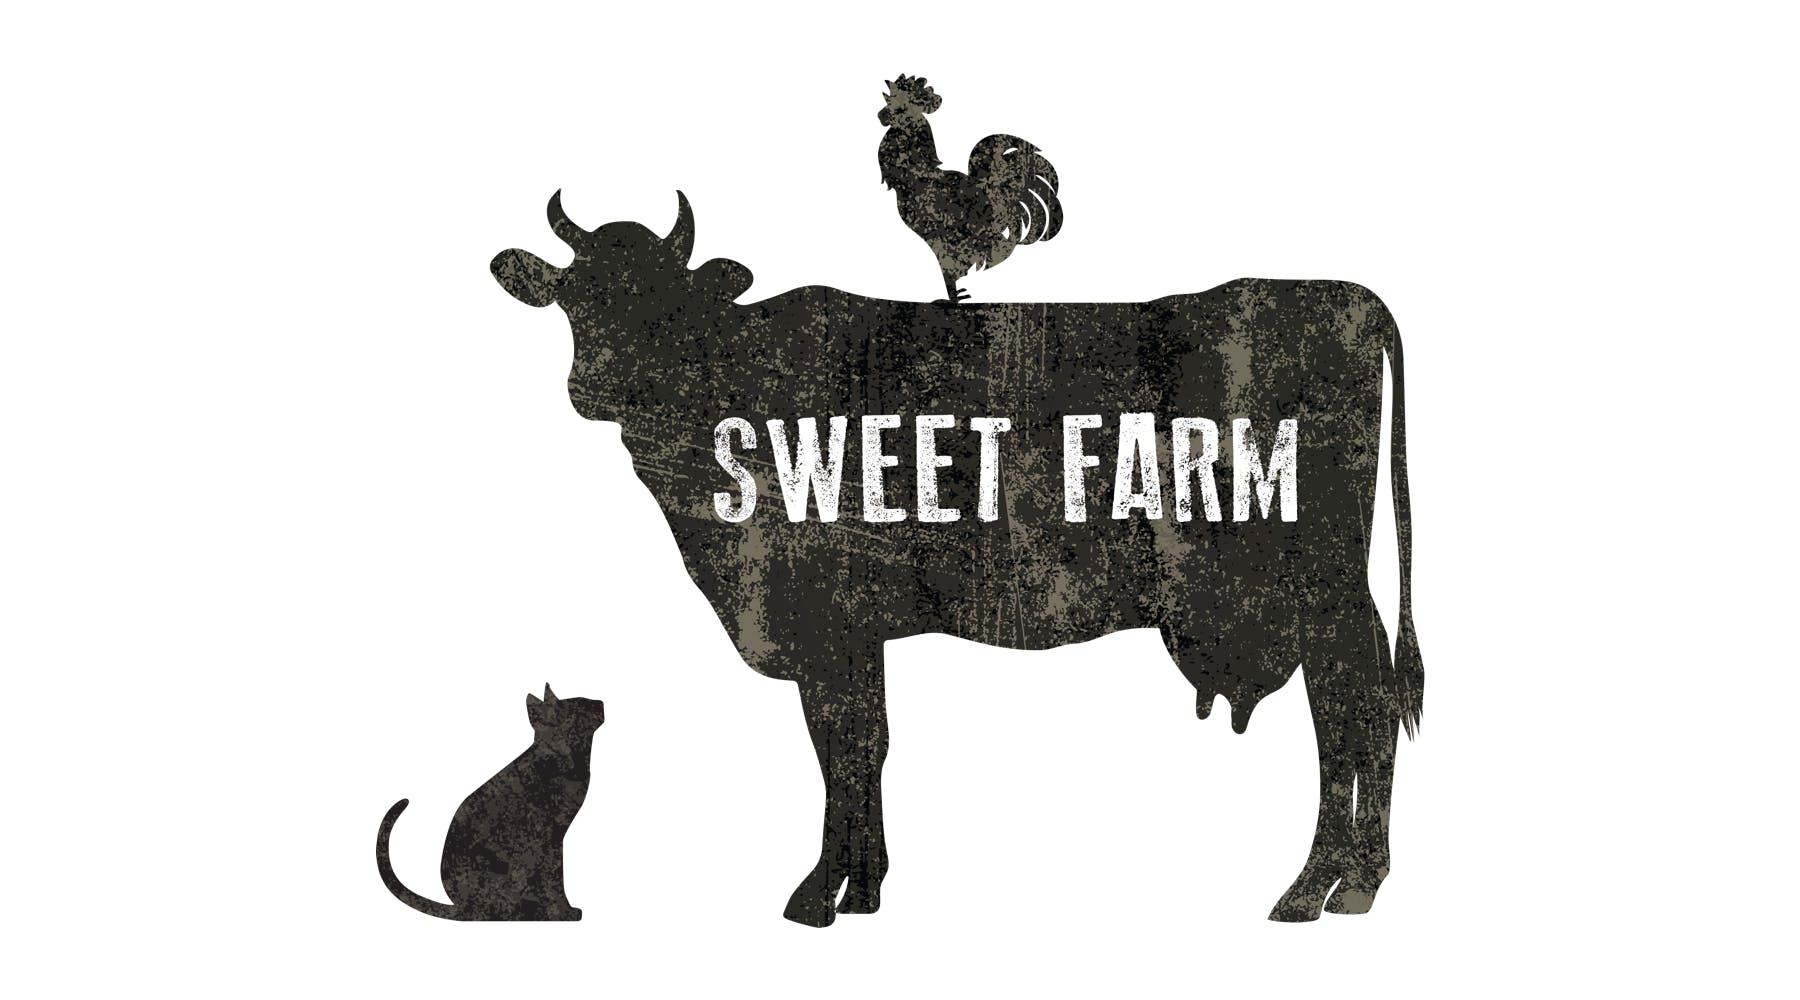 Sweet Farm